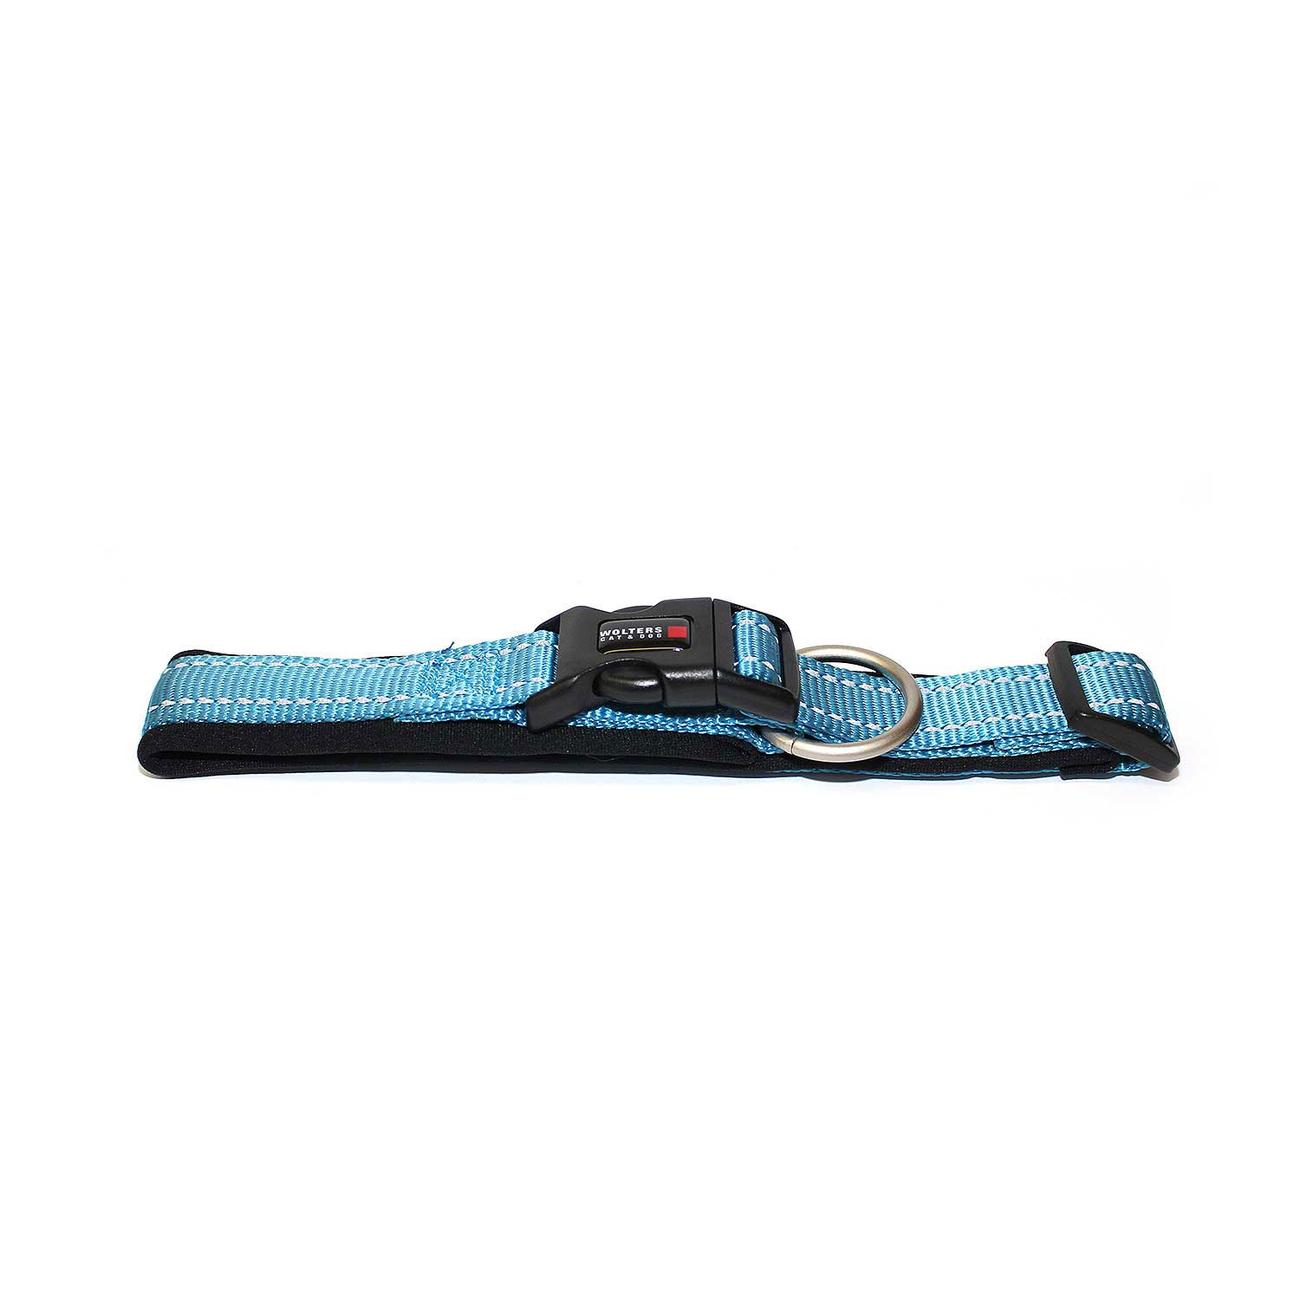 Wolters Halsband Soft & Safe reflektierend